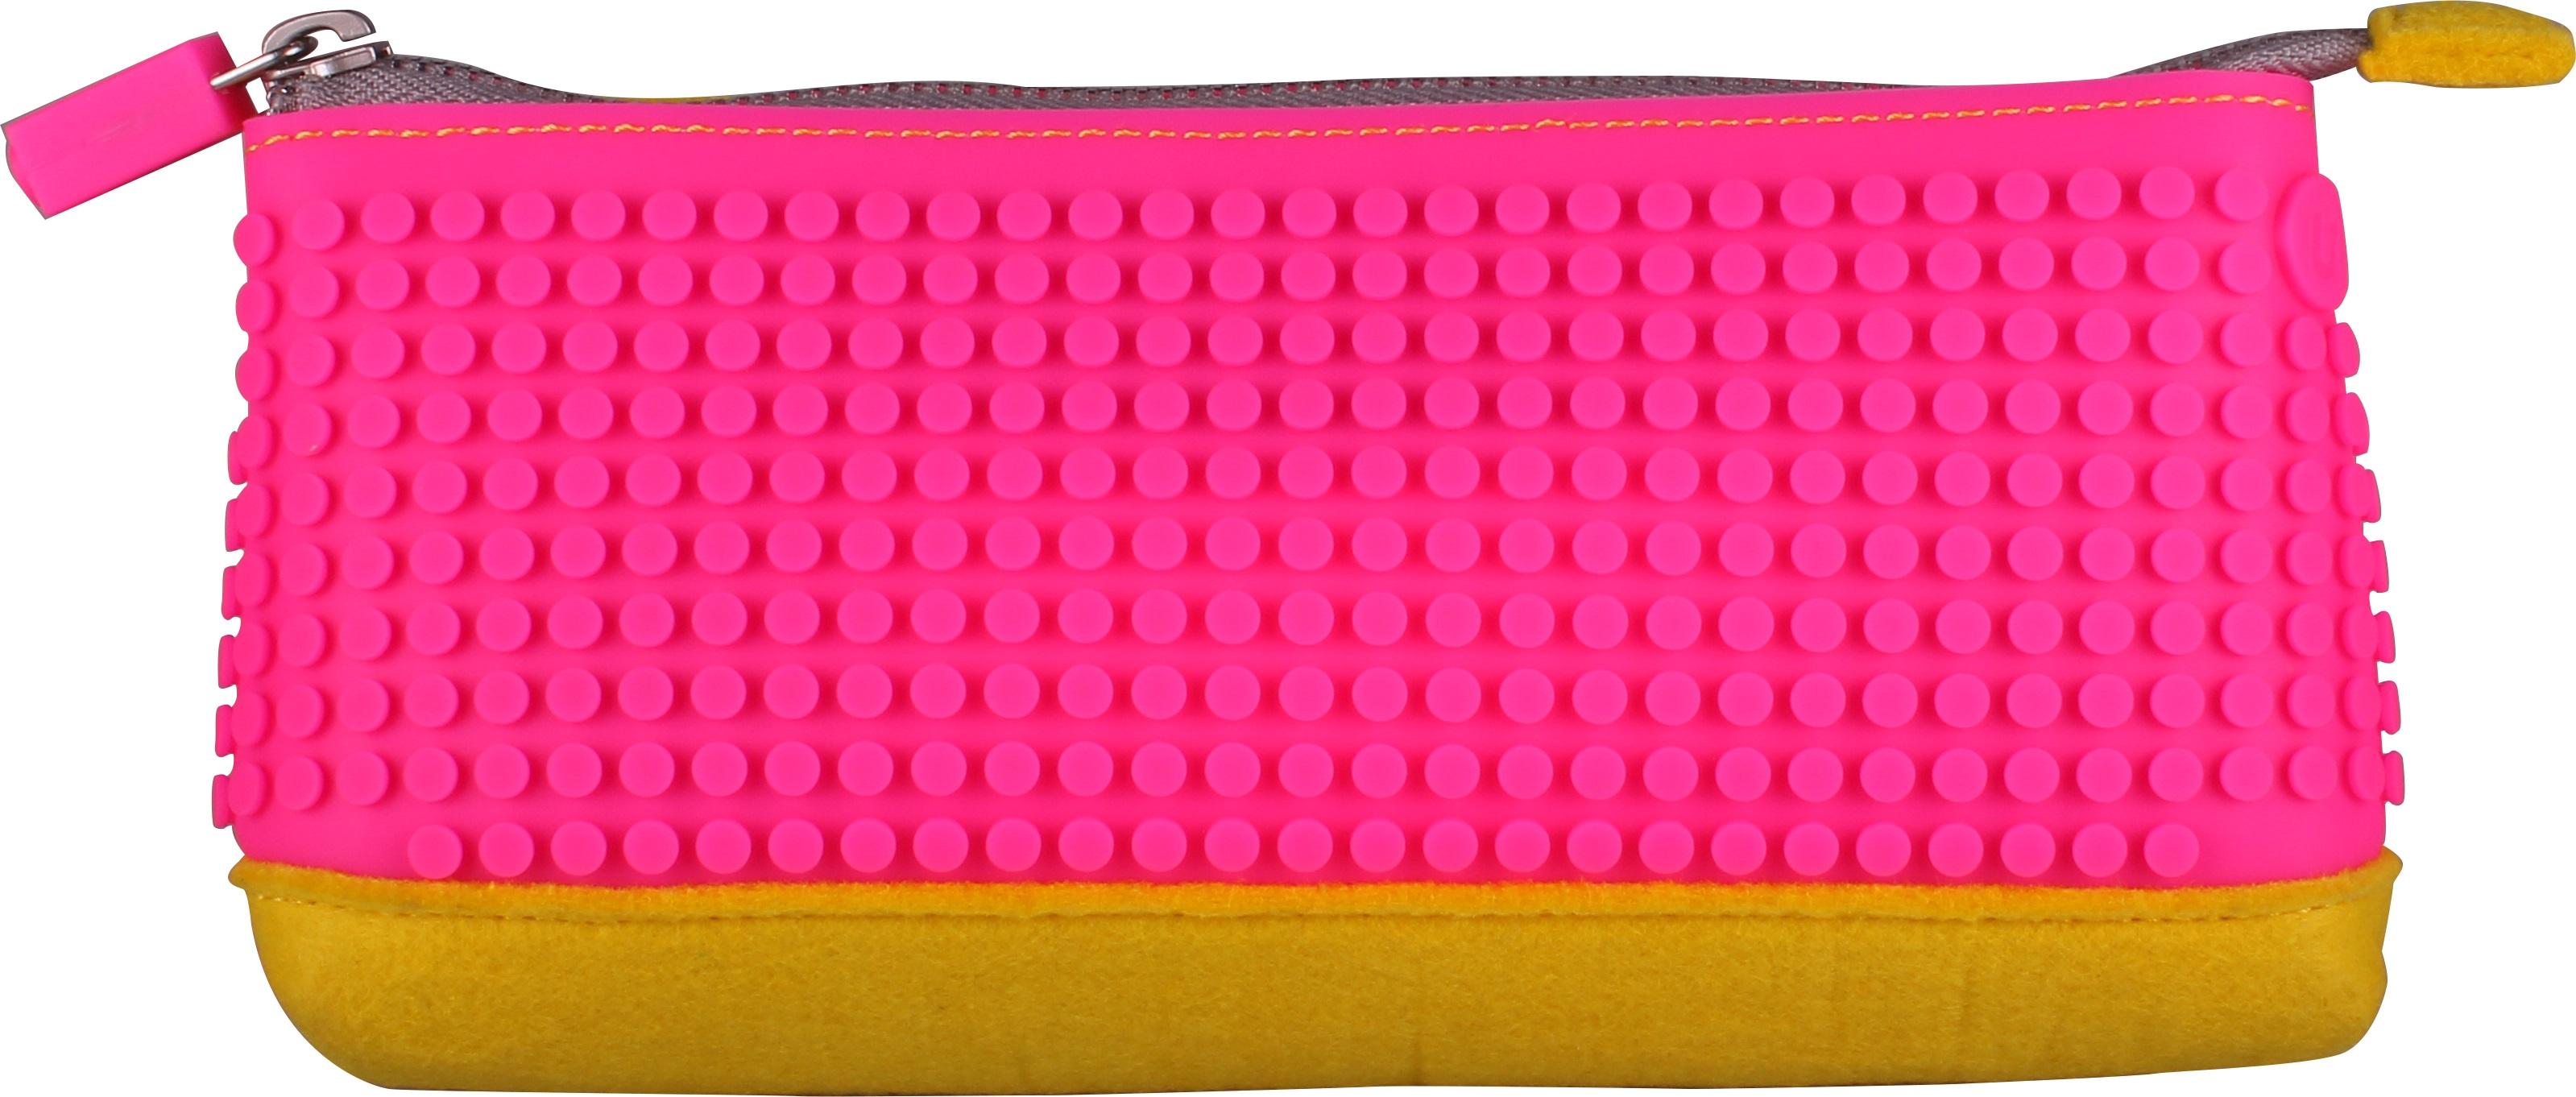 Пиксельный пенал (Pencil Case) WY-B002 (Желтый/фуксия)